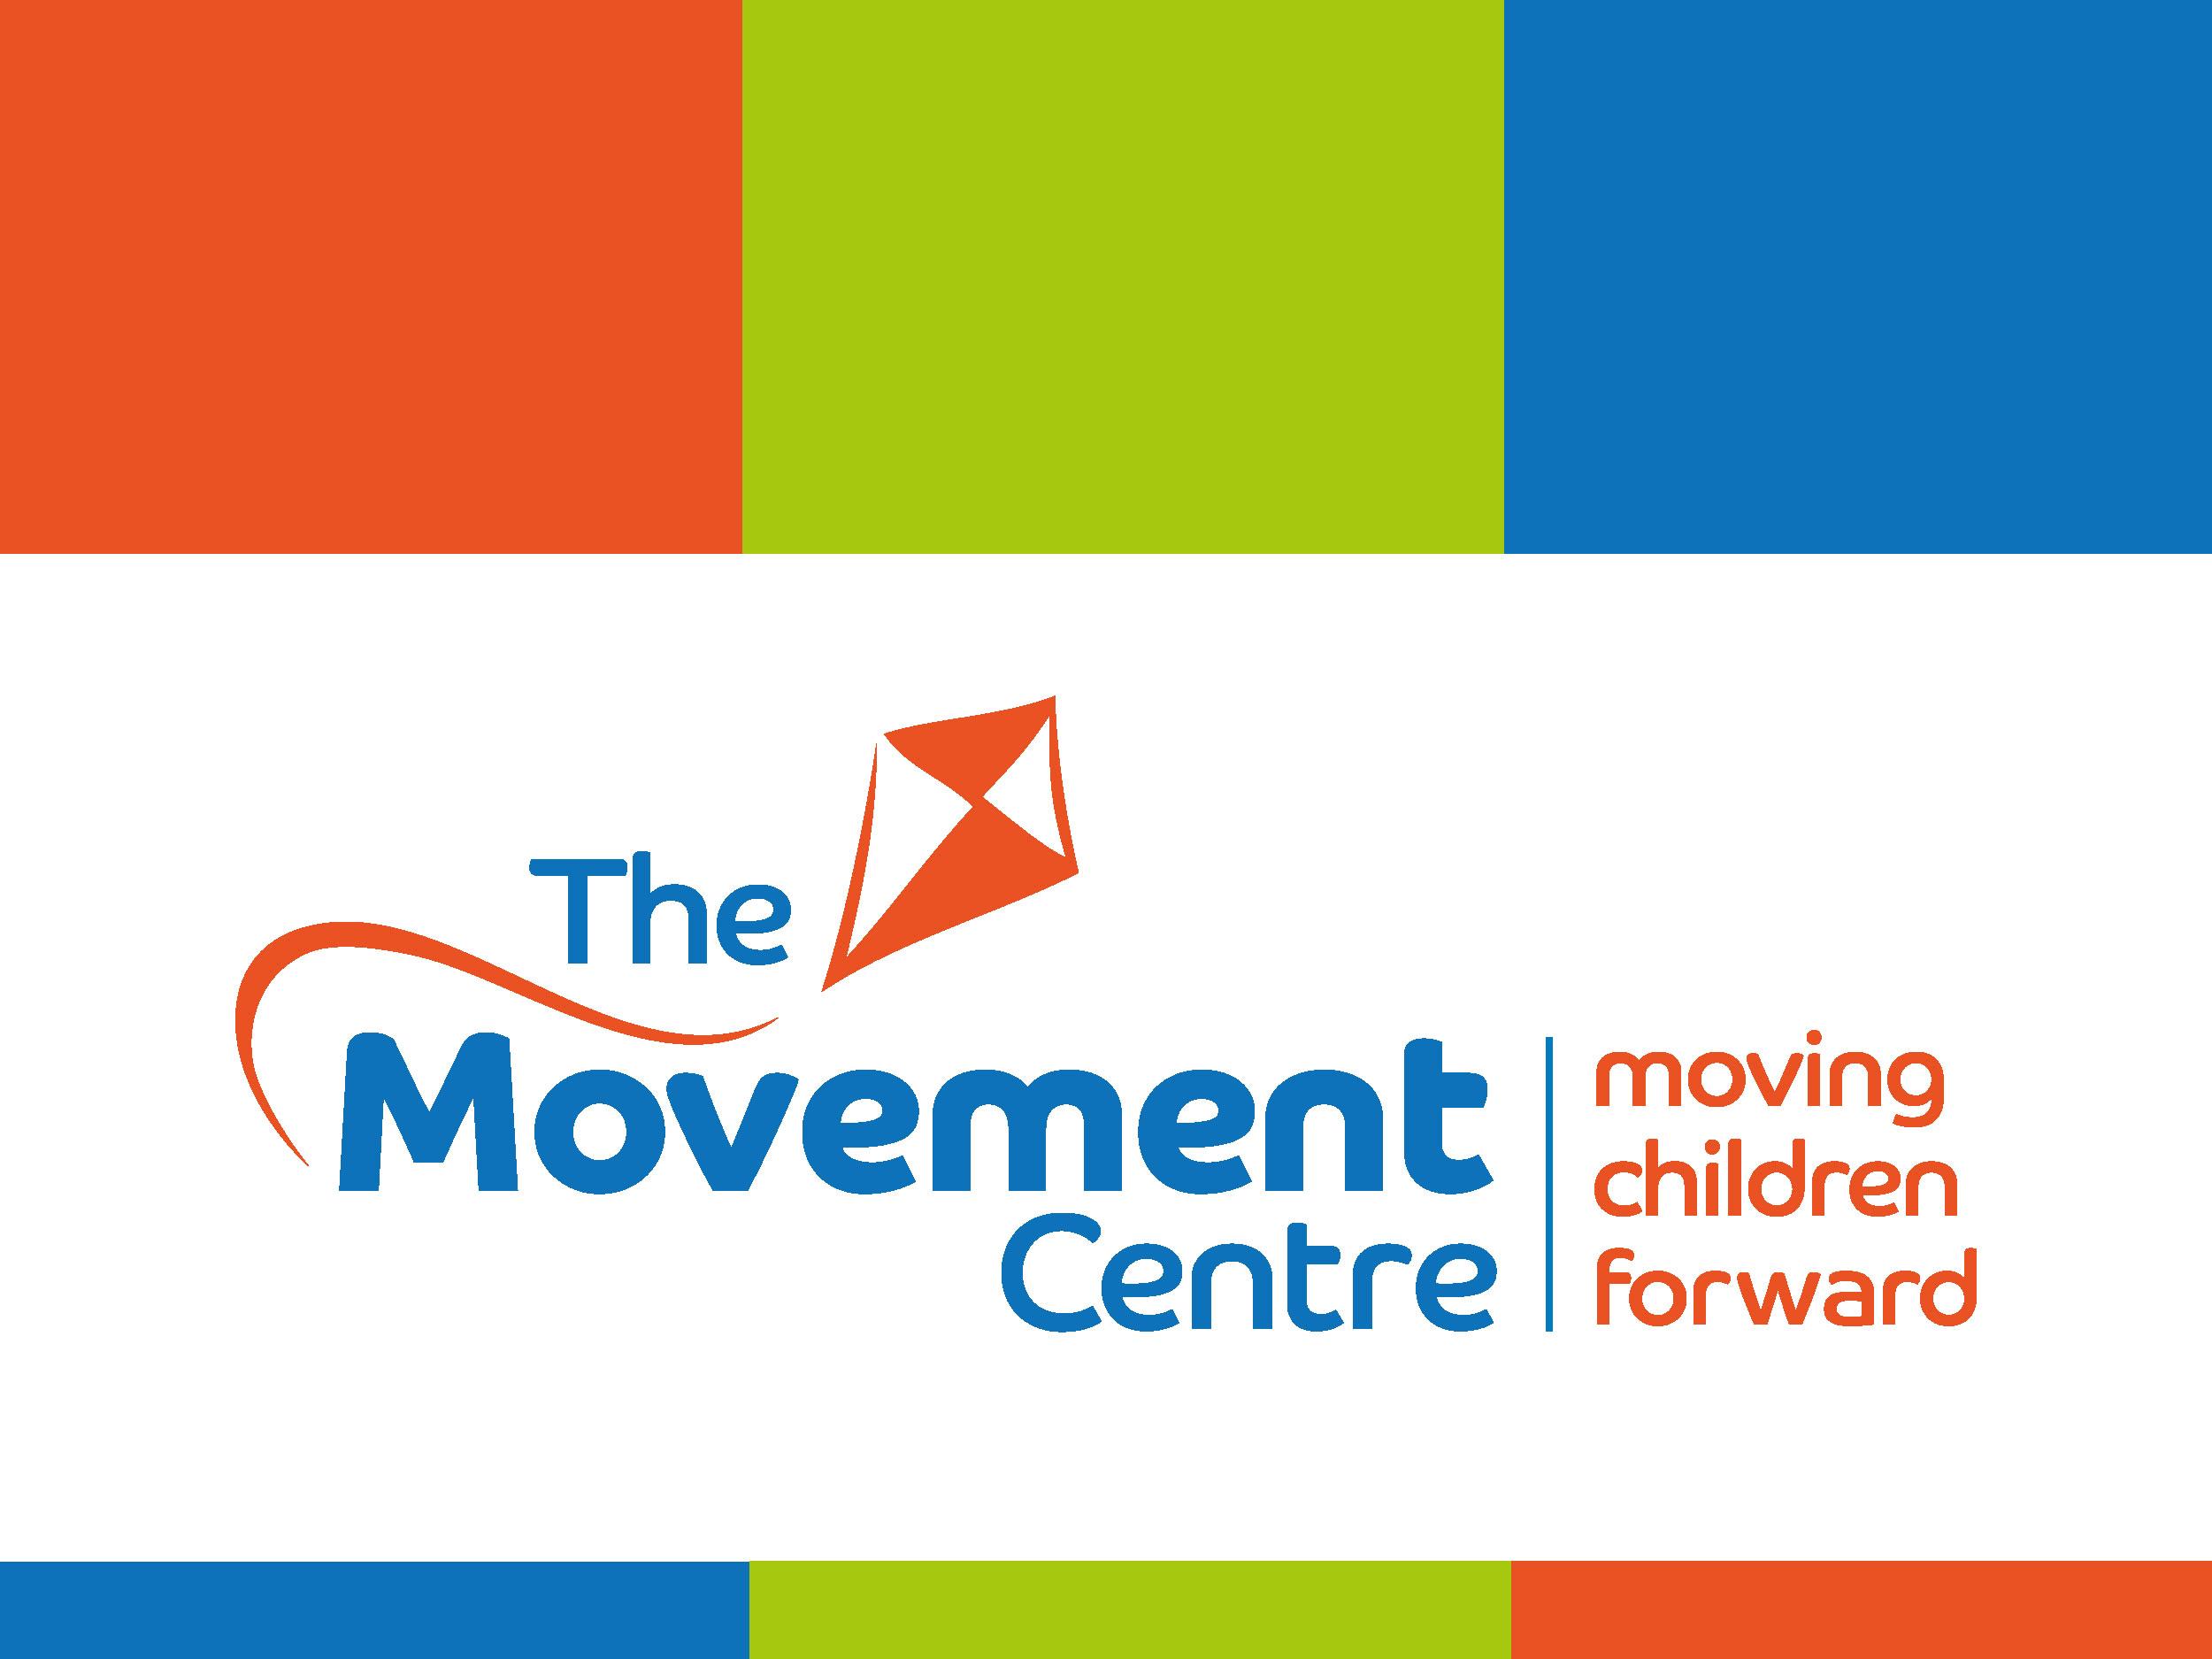 The Movement Centre